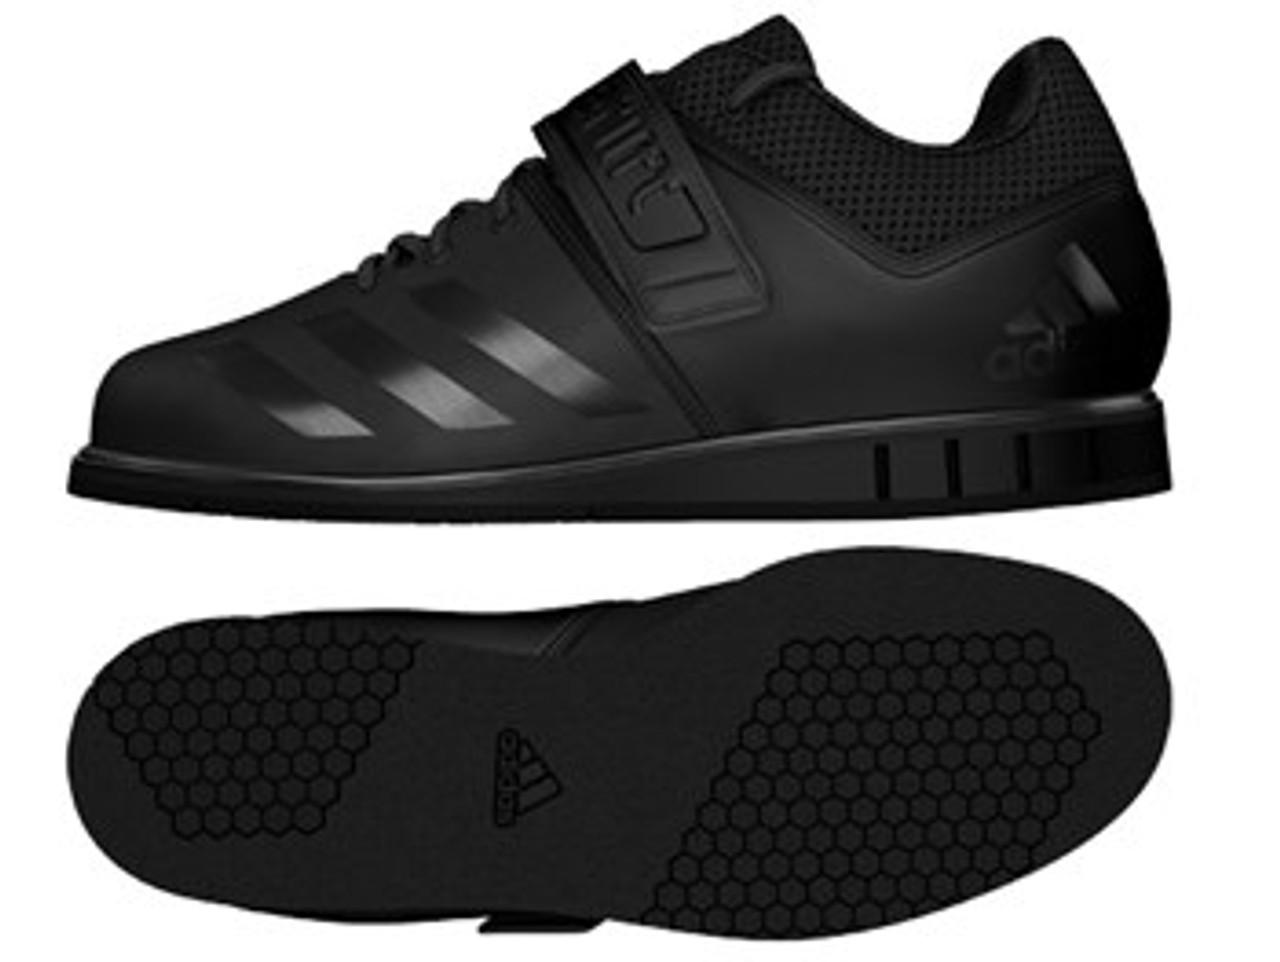 Adidas Powerlift 3 Black - Battle Box UK